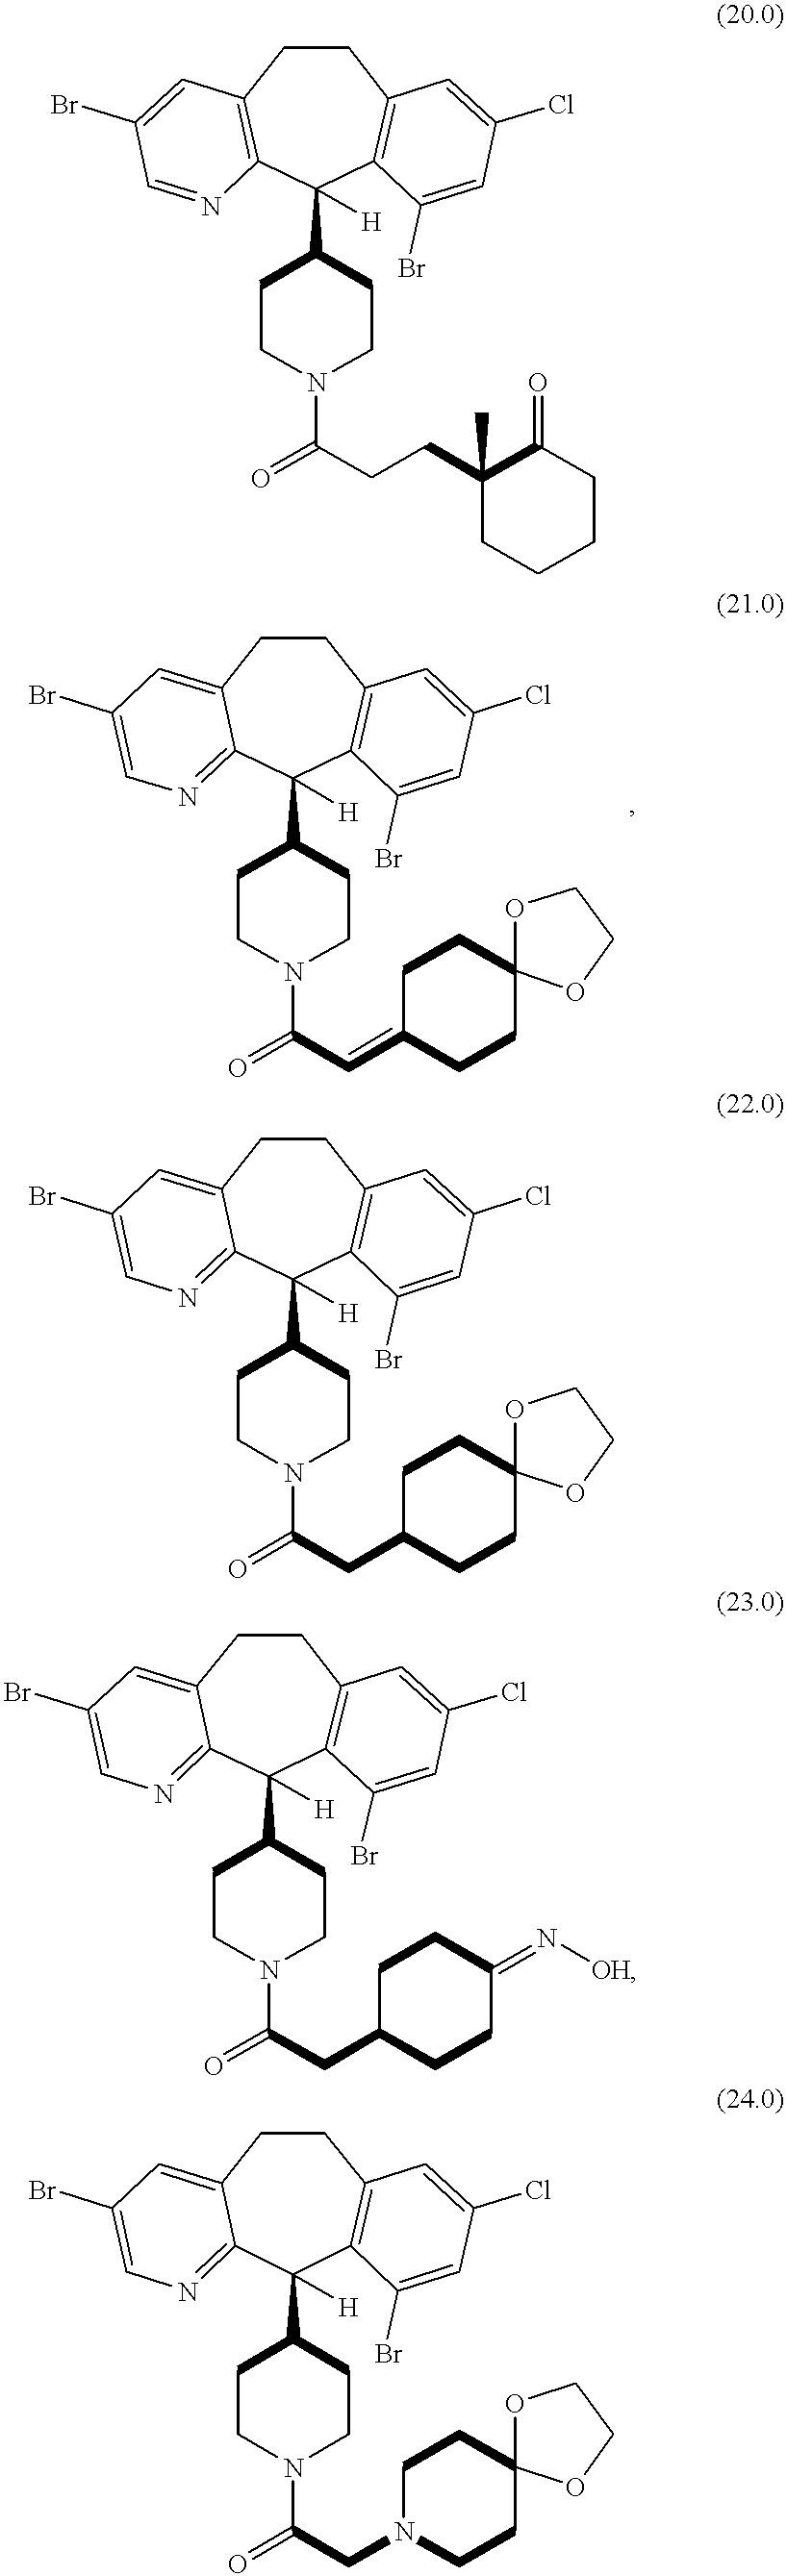 Figure US06211193-20010403-C00264